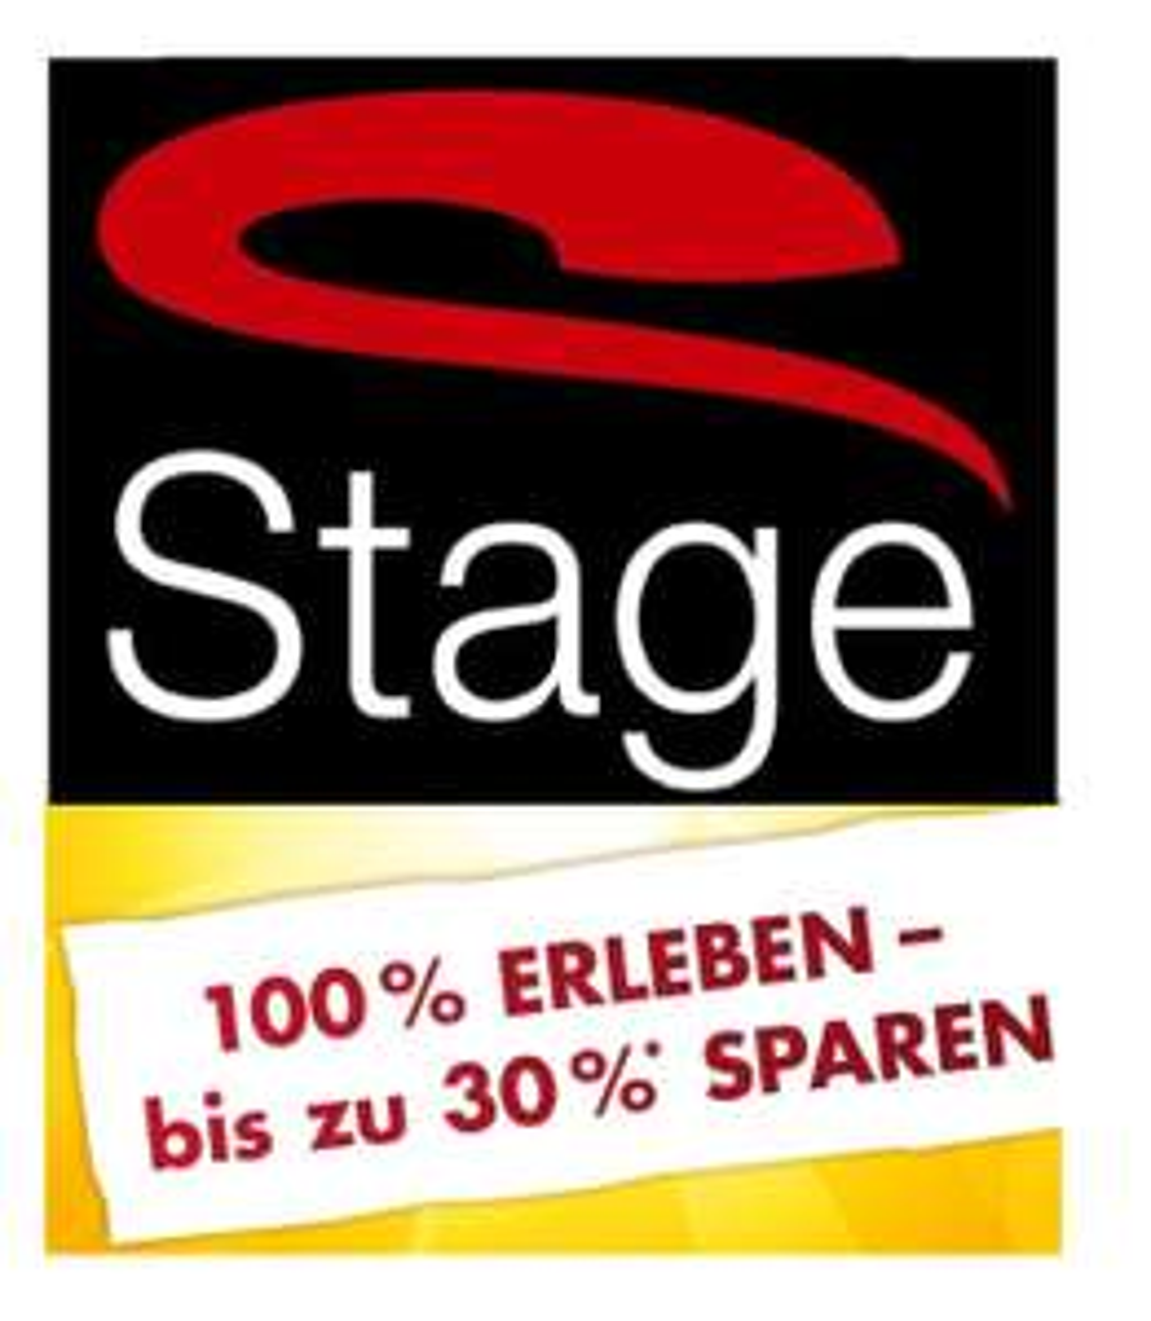 Jetzt bei Stage Entertainmet bis zu 30% Rabatt auf Tickets!